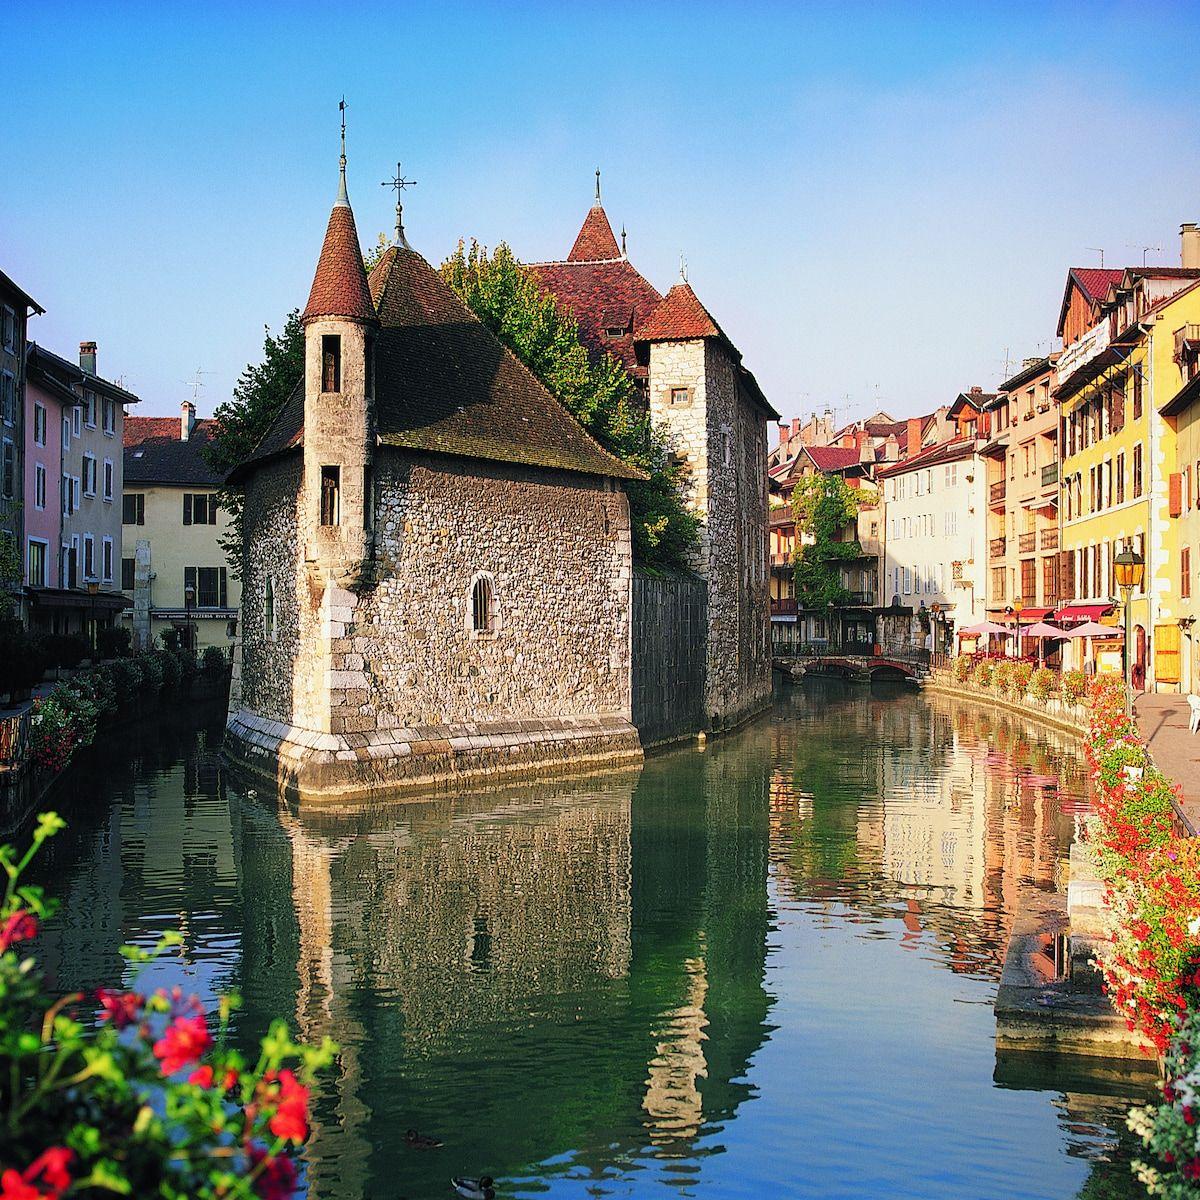 Französische Alpen Die 10 Schönsten Orte Zum Wandern Und Mehr Skyscanner Deutschland Französische Alpen Schöne Orte Alpen